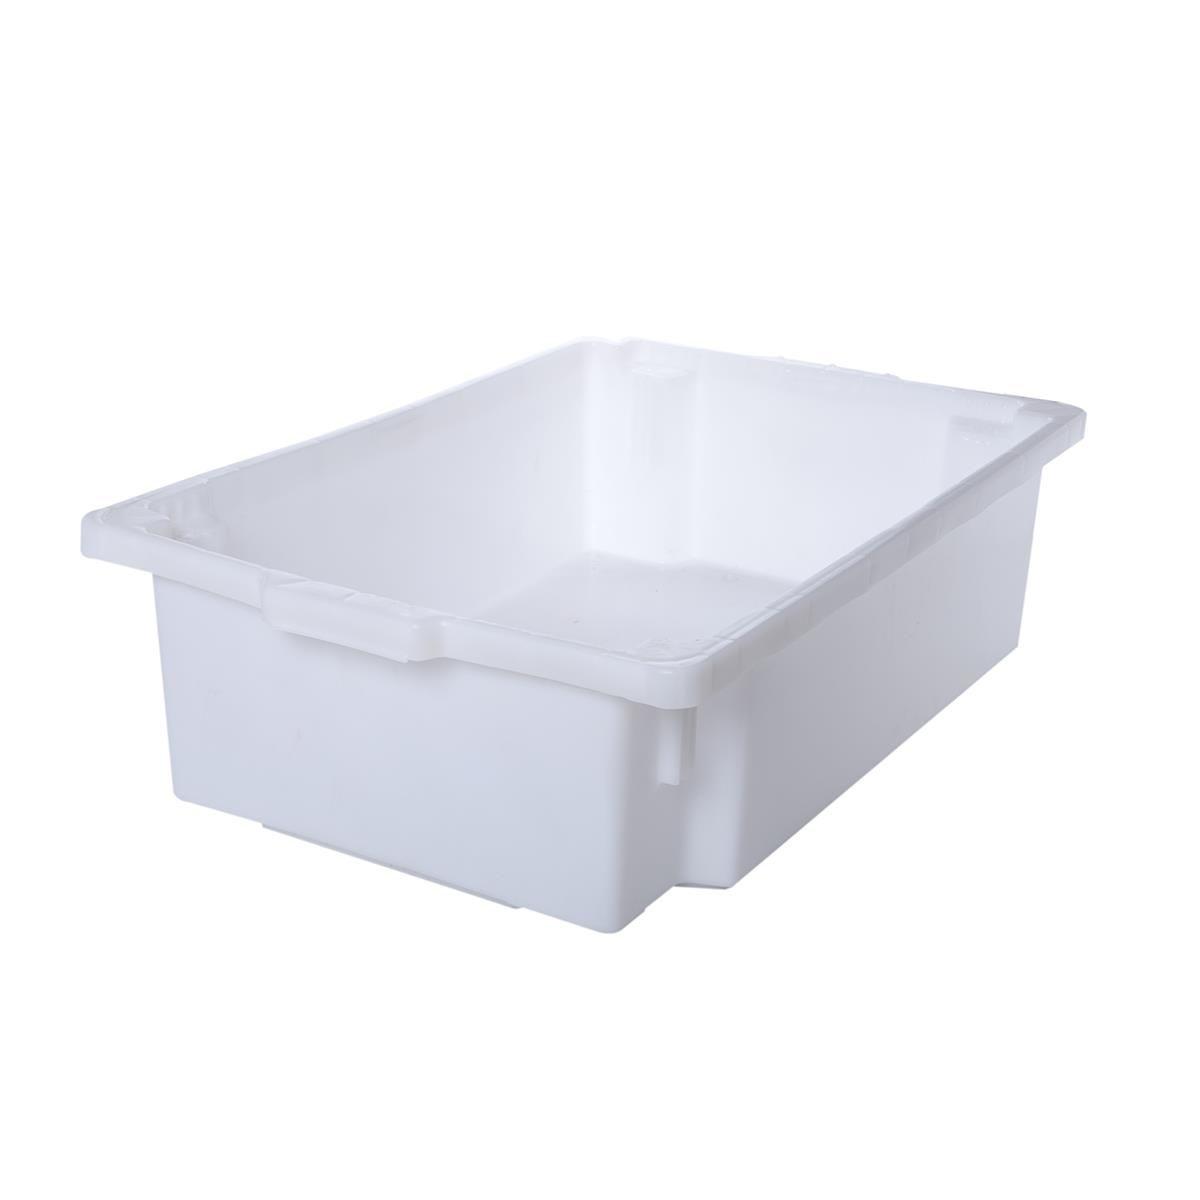 Caixa Organizadora Plástica Reforçada Com Tampa Supercron S-250 Branca 6,5 Litros